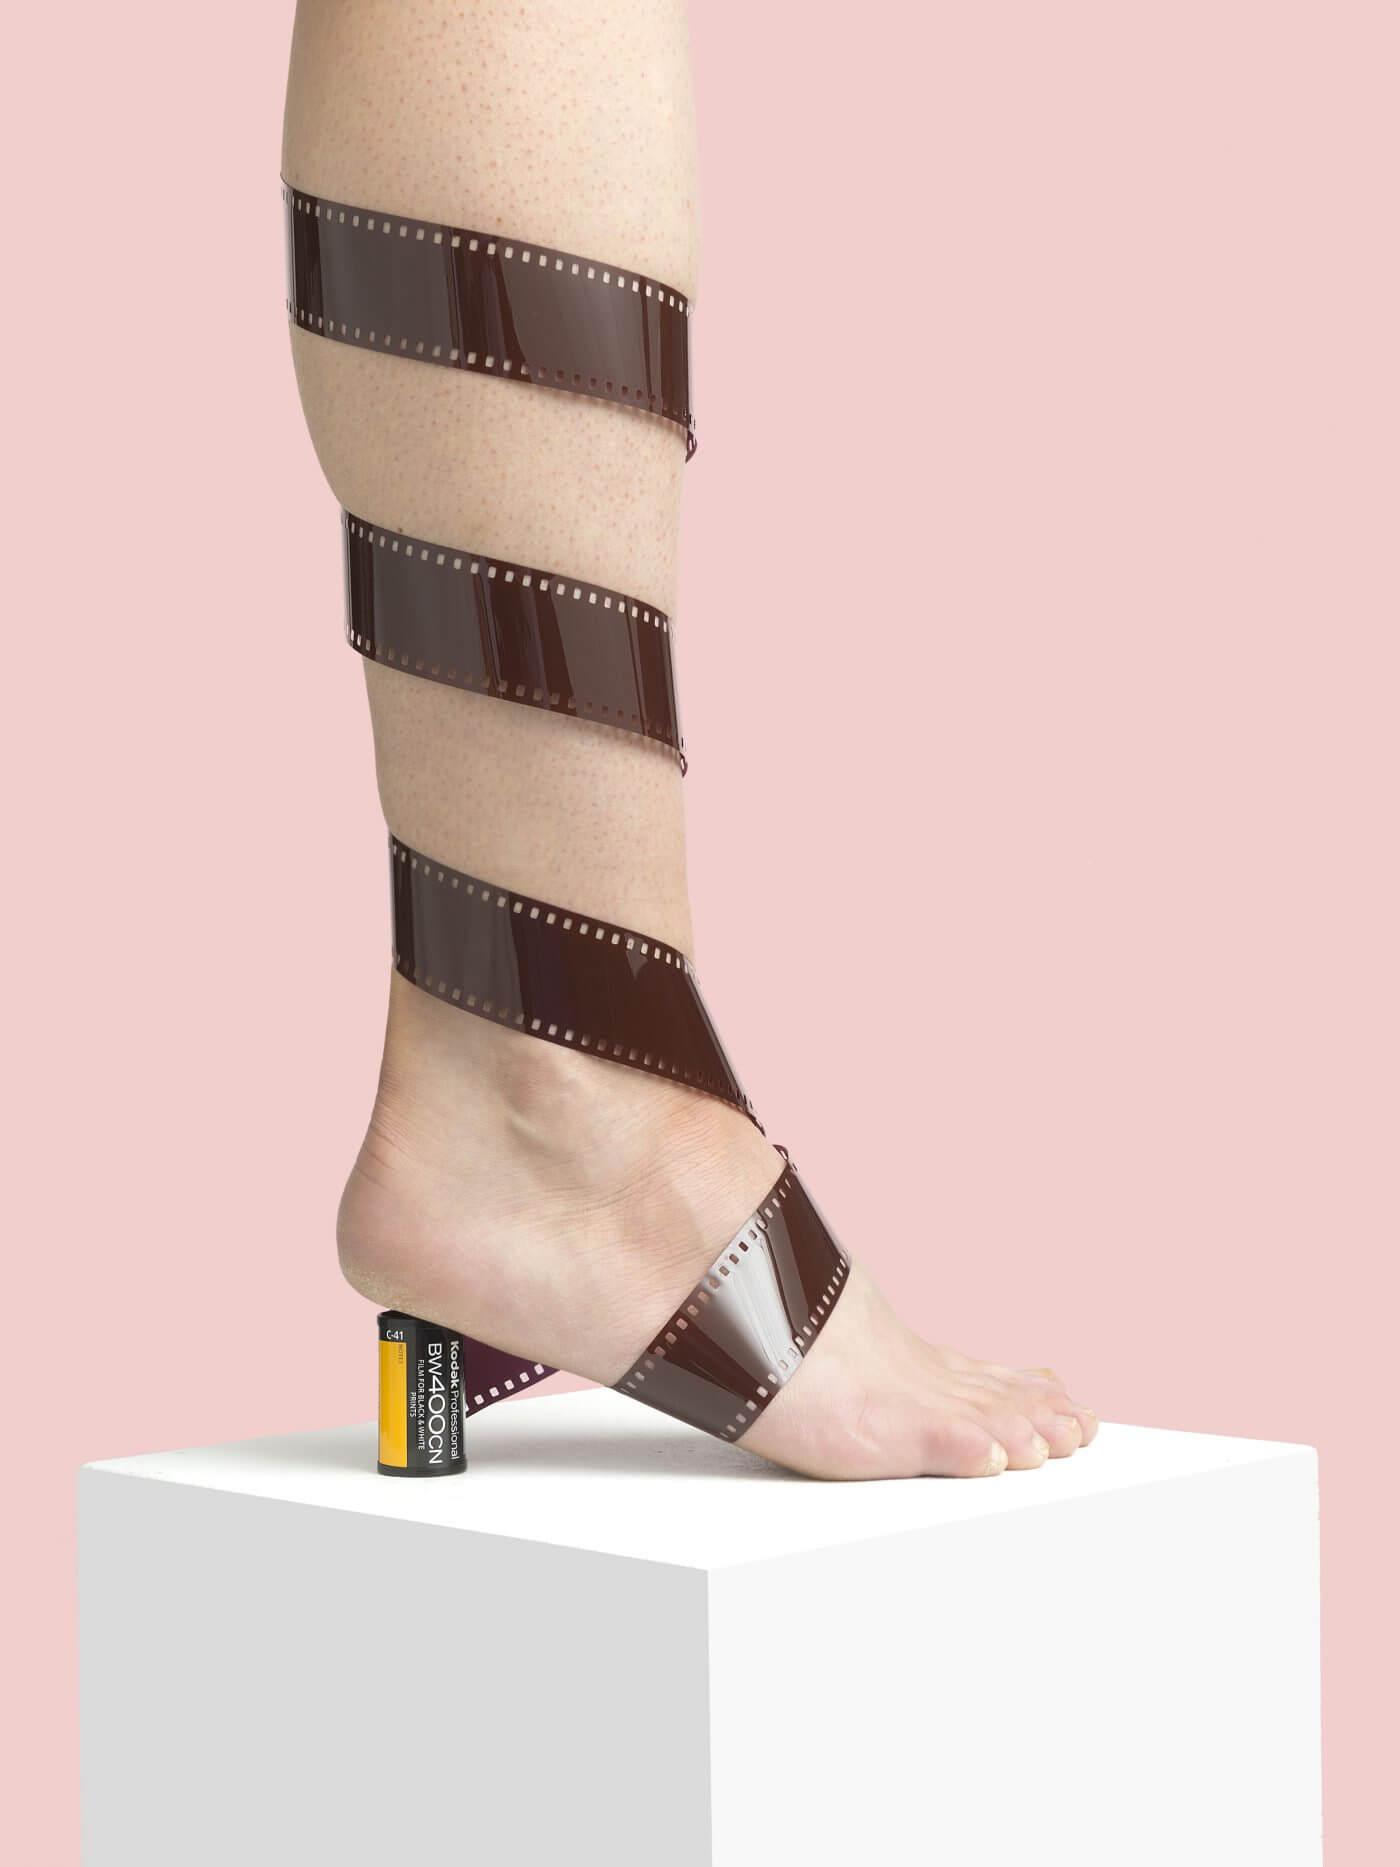 nikolaj beyer unique shoes 3 (1)